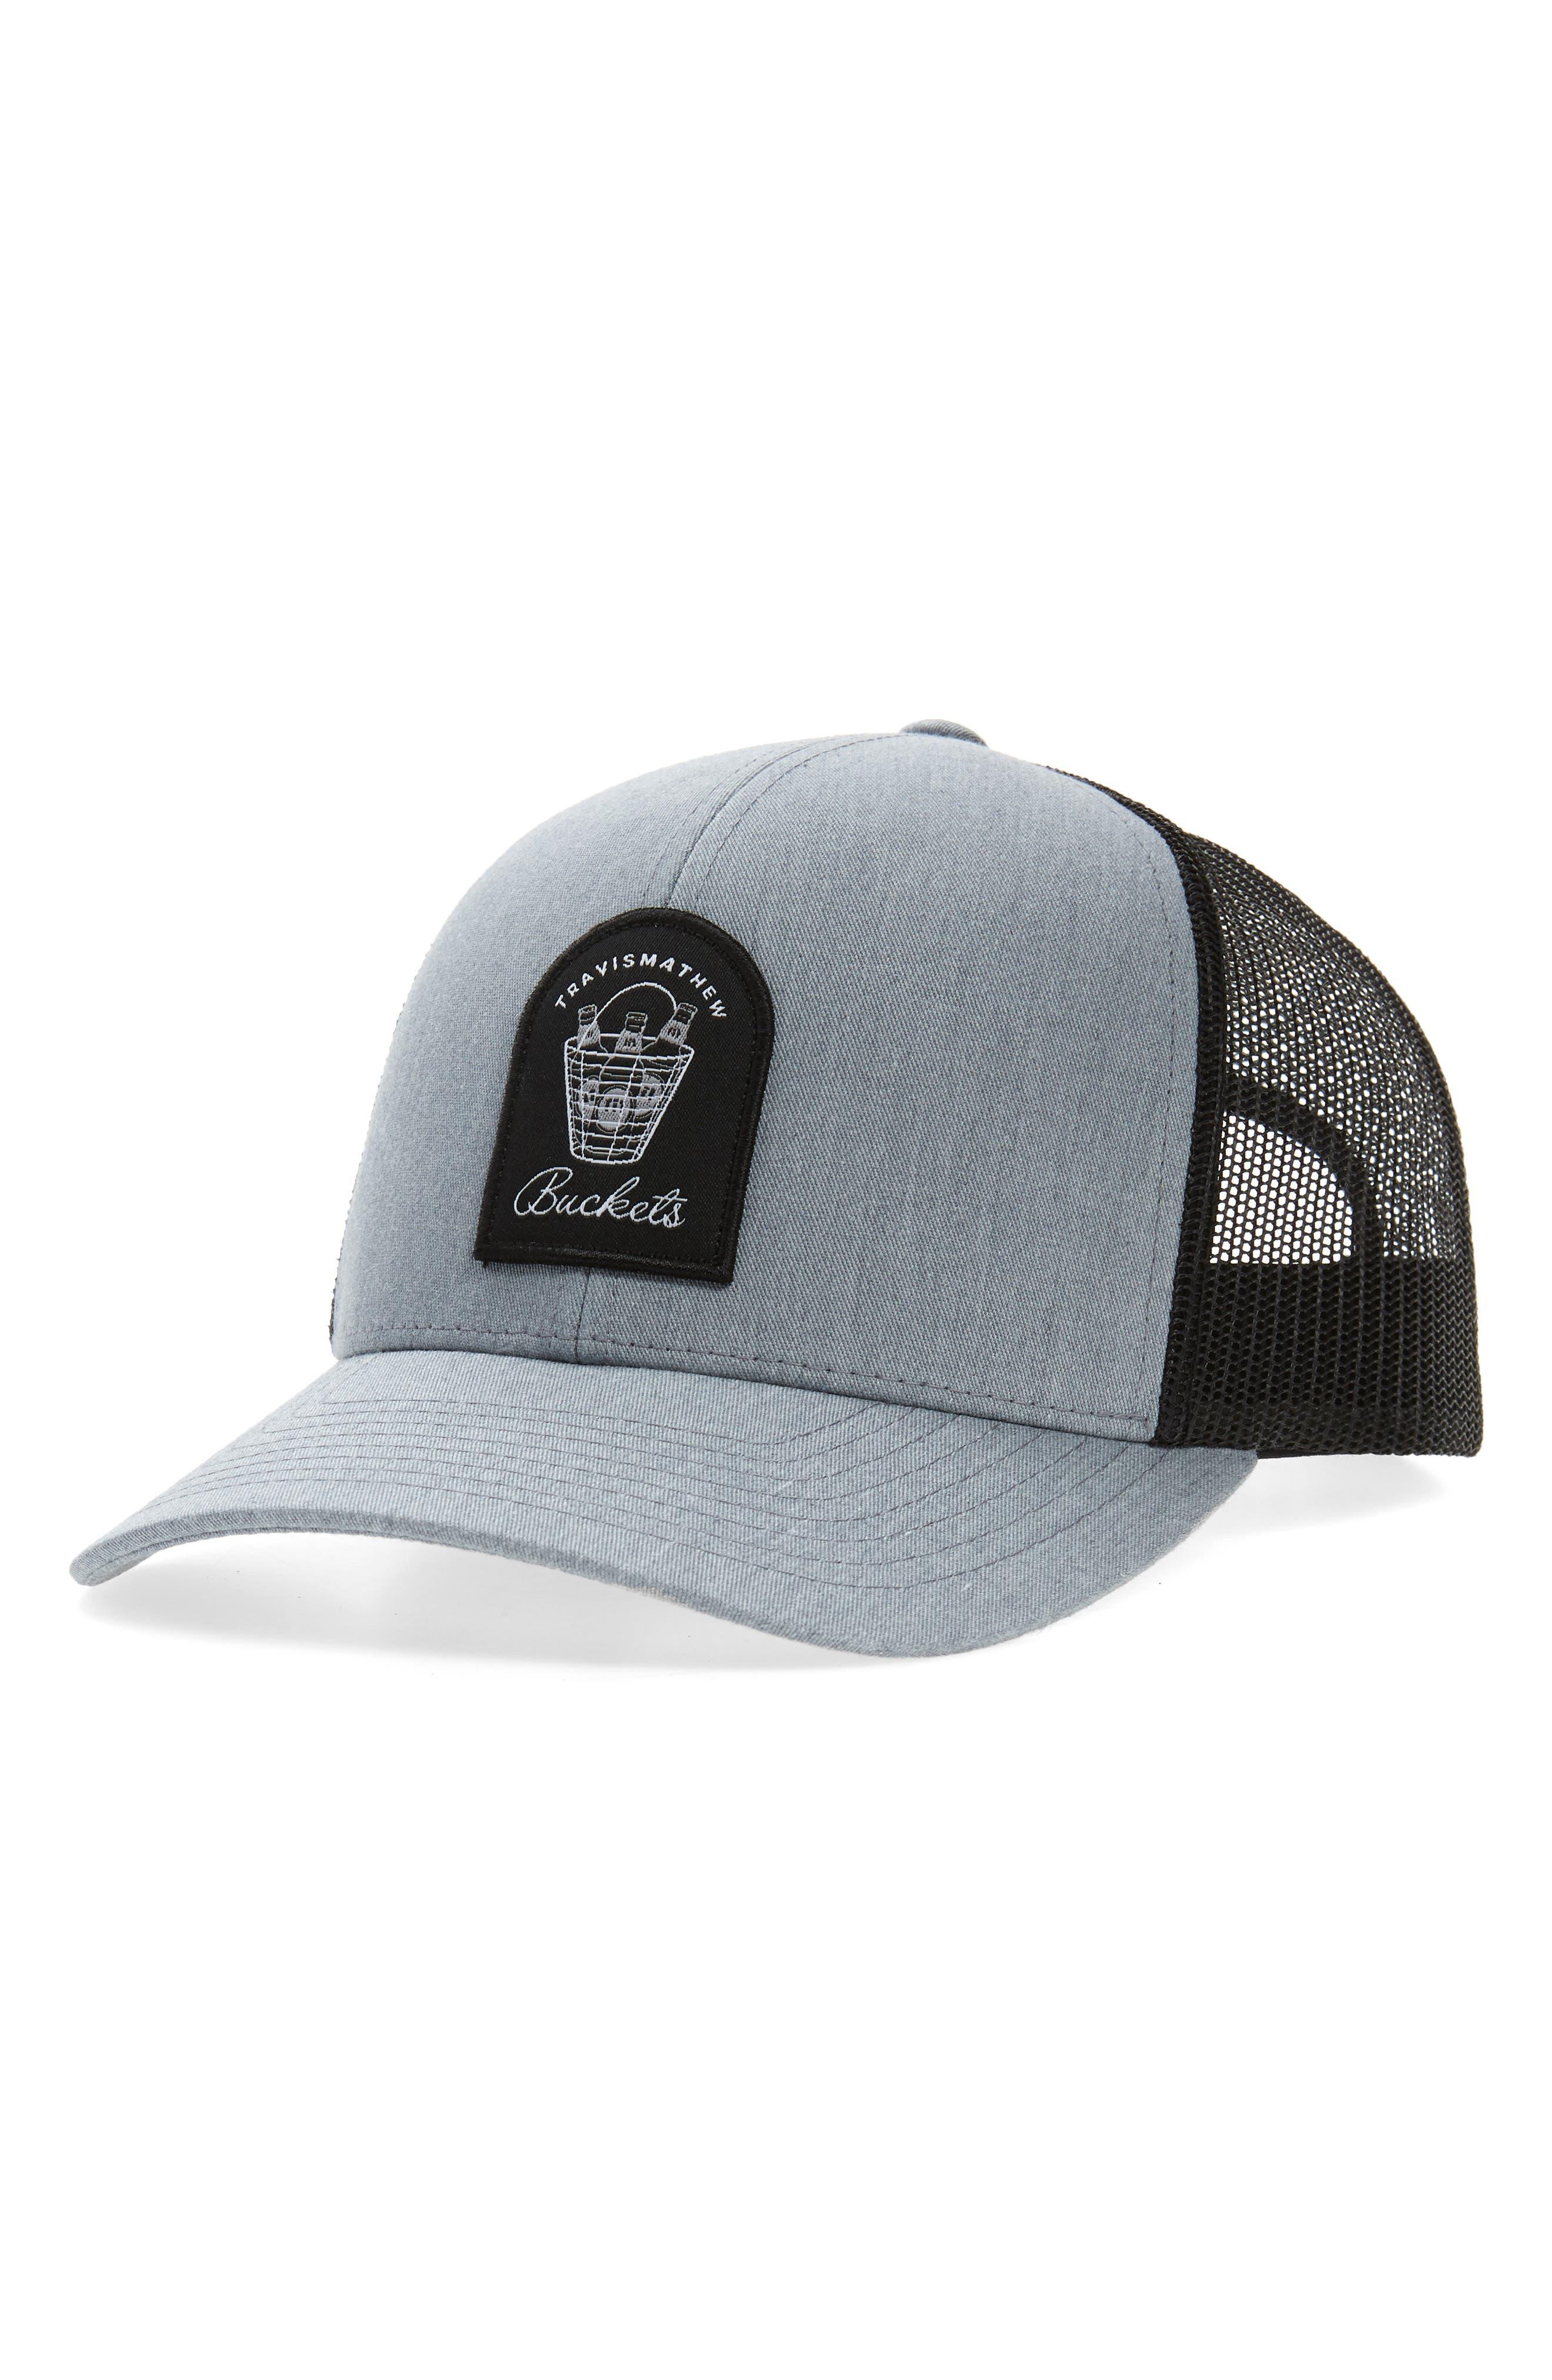 e12b4c7ef04cf New Men s Travismathew Accessories  Hats